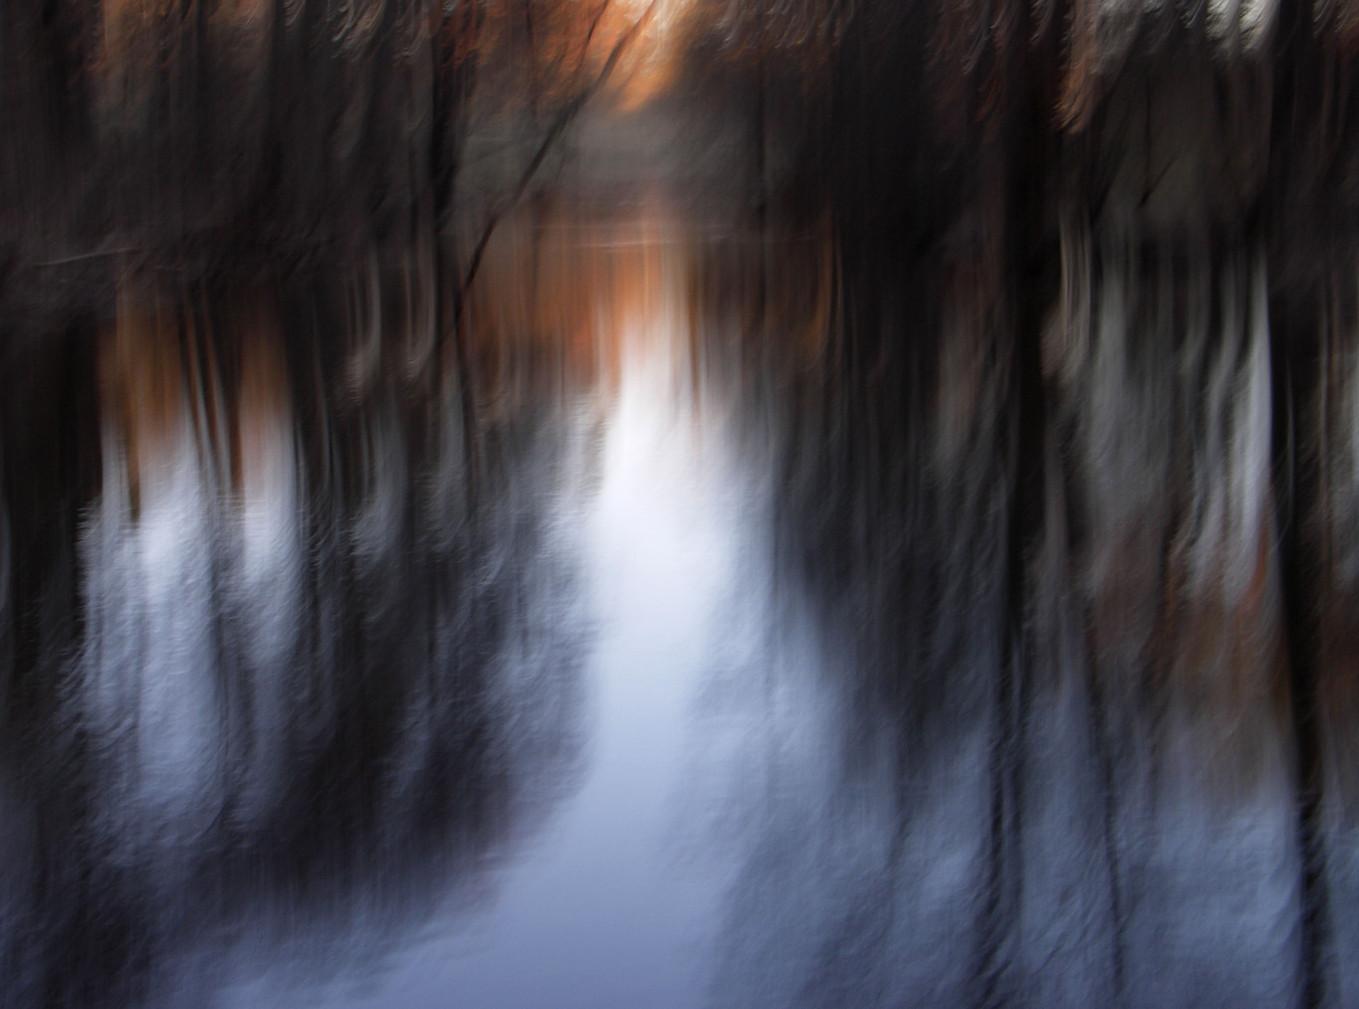 07_Vom Wasser, 2012, Fotogafie, 20 x 30c